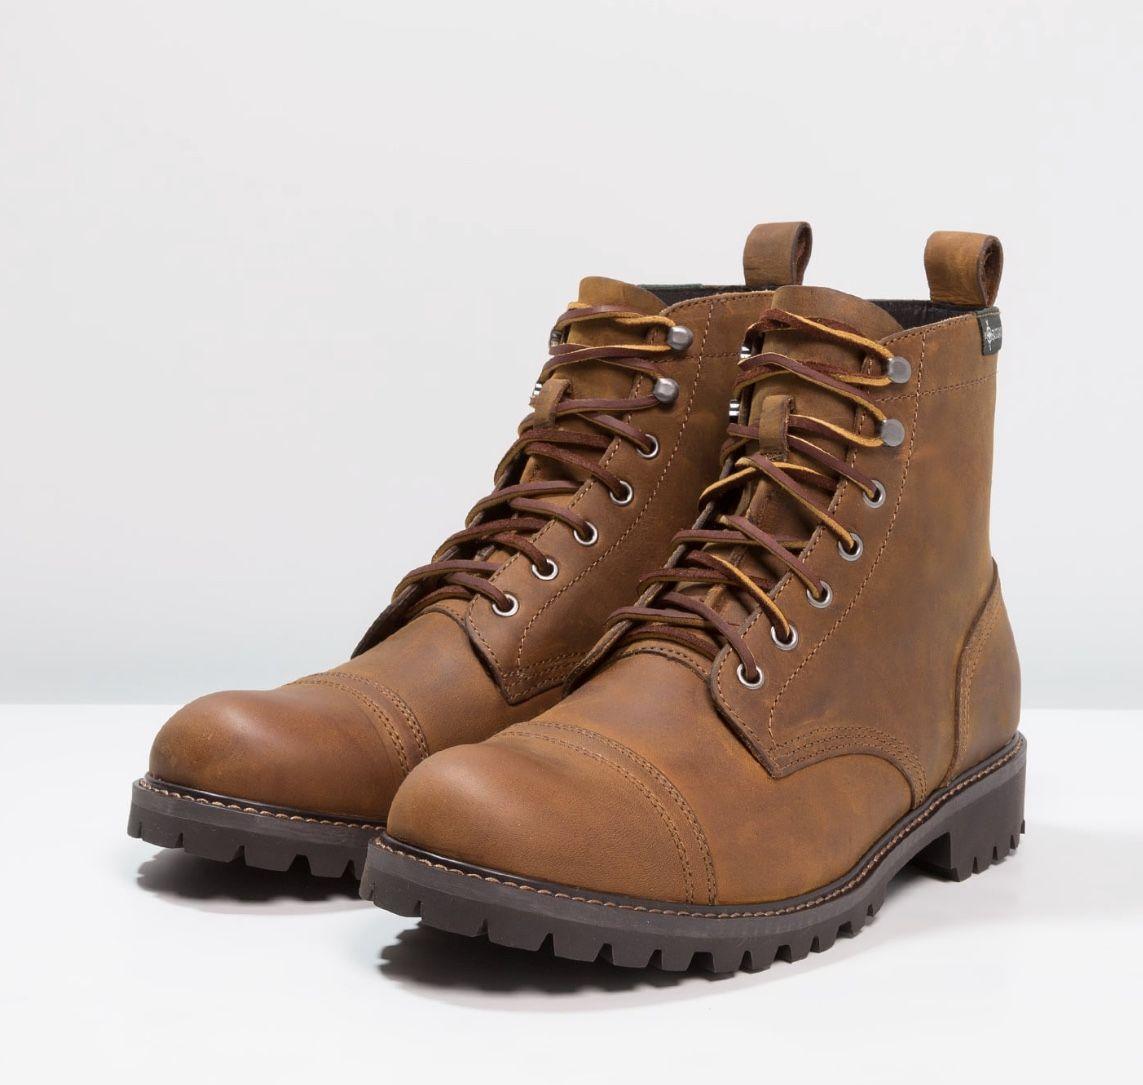 Timberland Botas de Cordones 6 in WP Brogue Boot Negro EU 44 (US 10) 8khMv6Dj3s